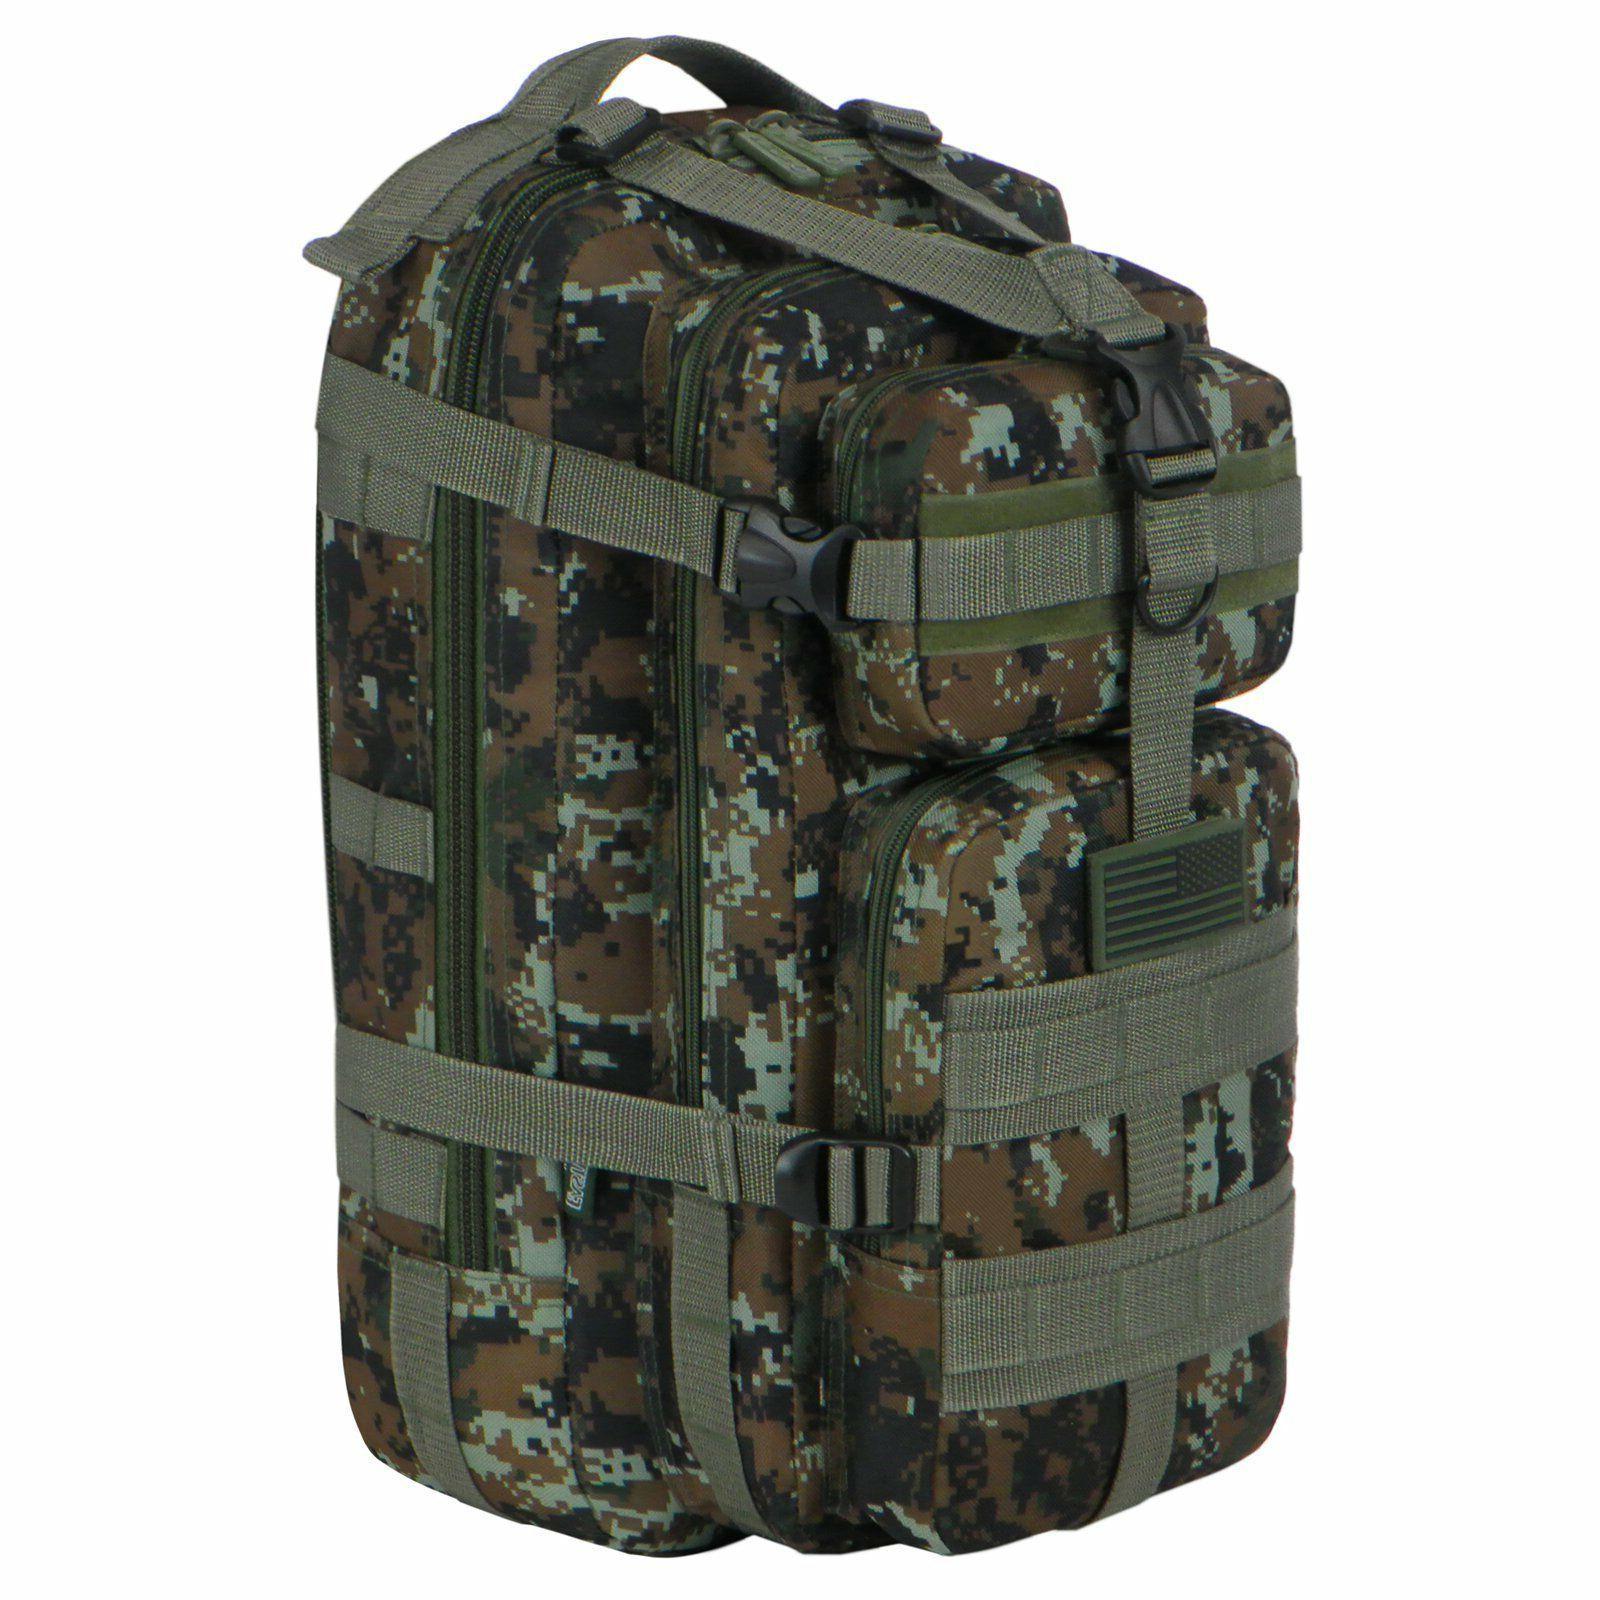 Tactical Elite Gear Hauler Backpack MULTICAM EastWest Surviv